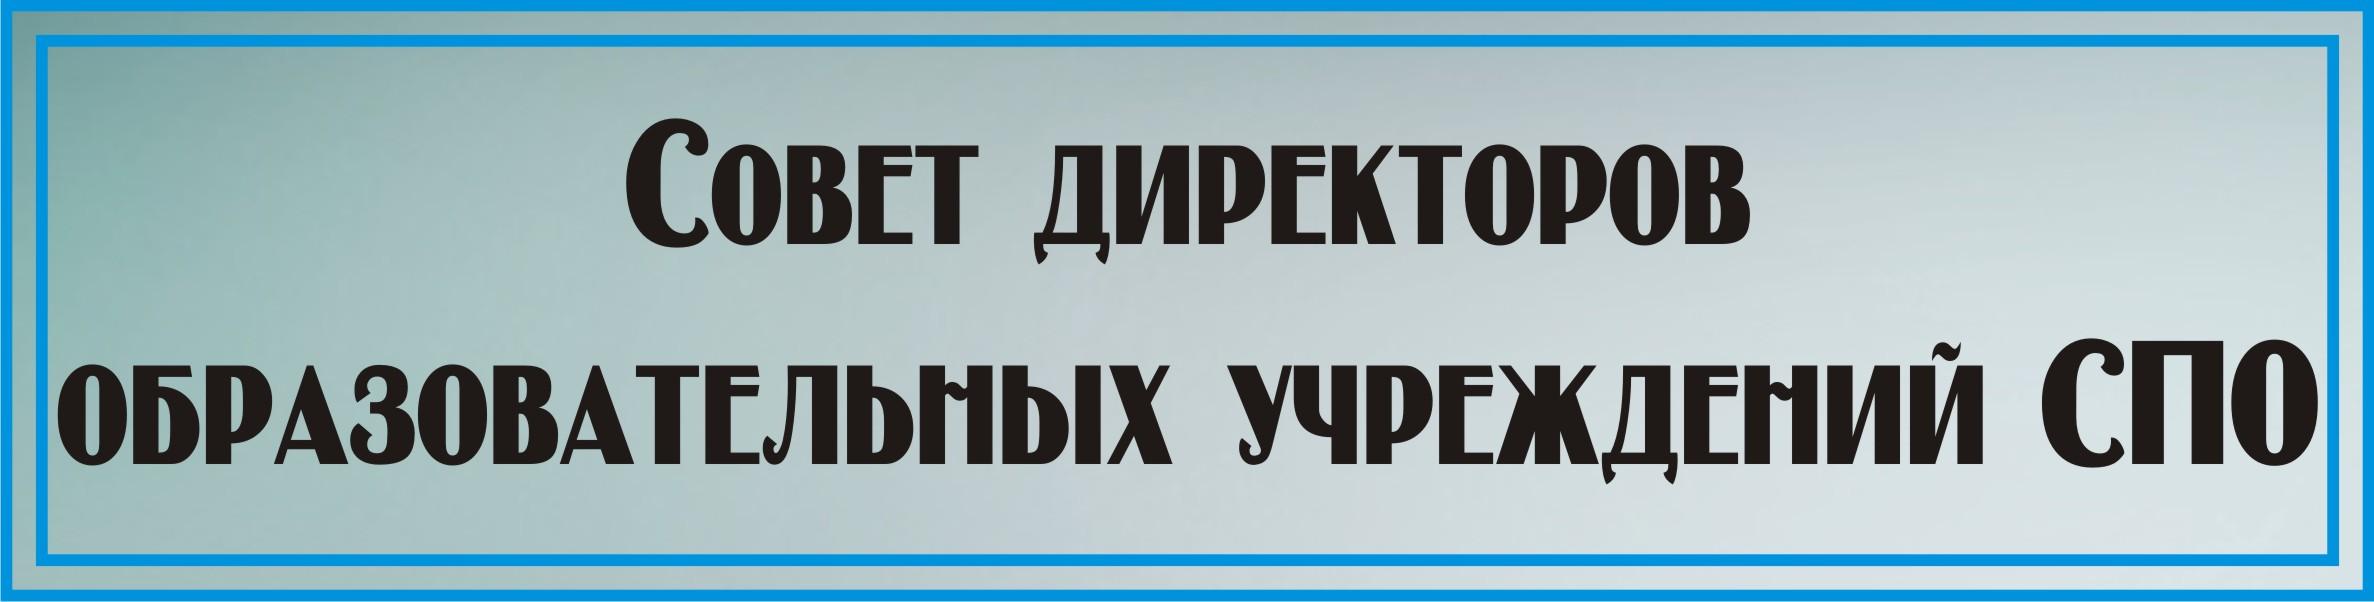 Совет директоров СПО